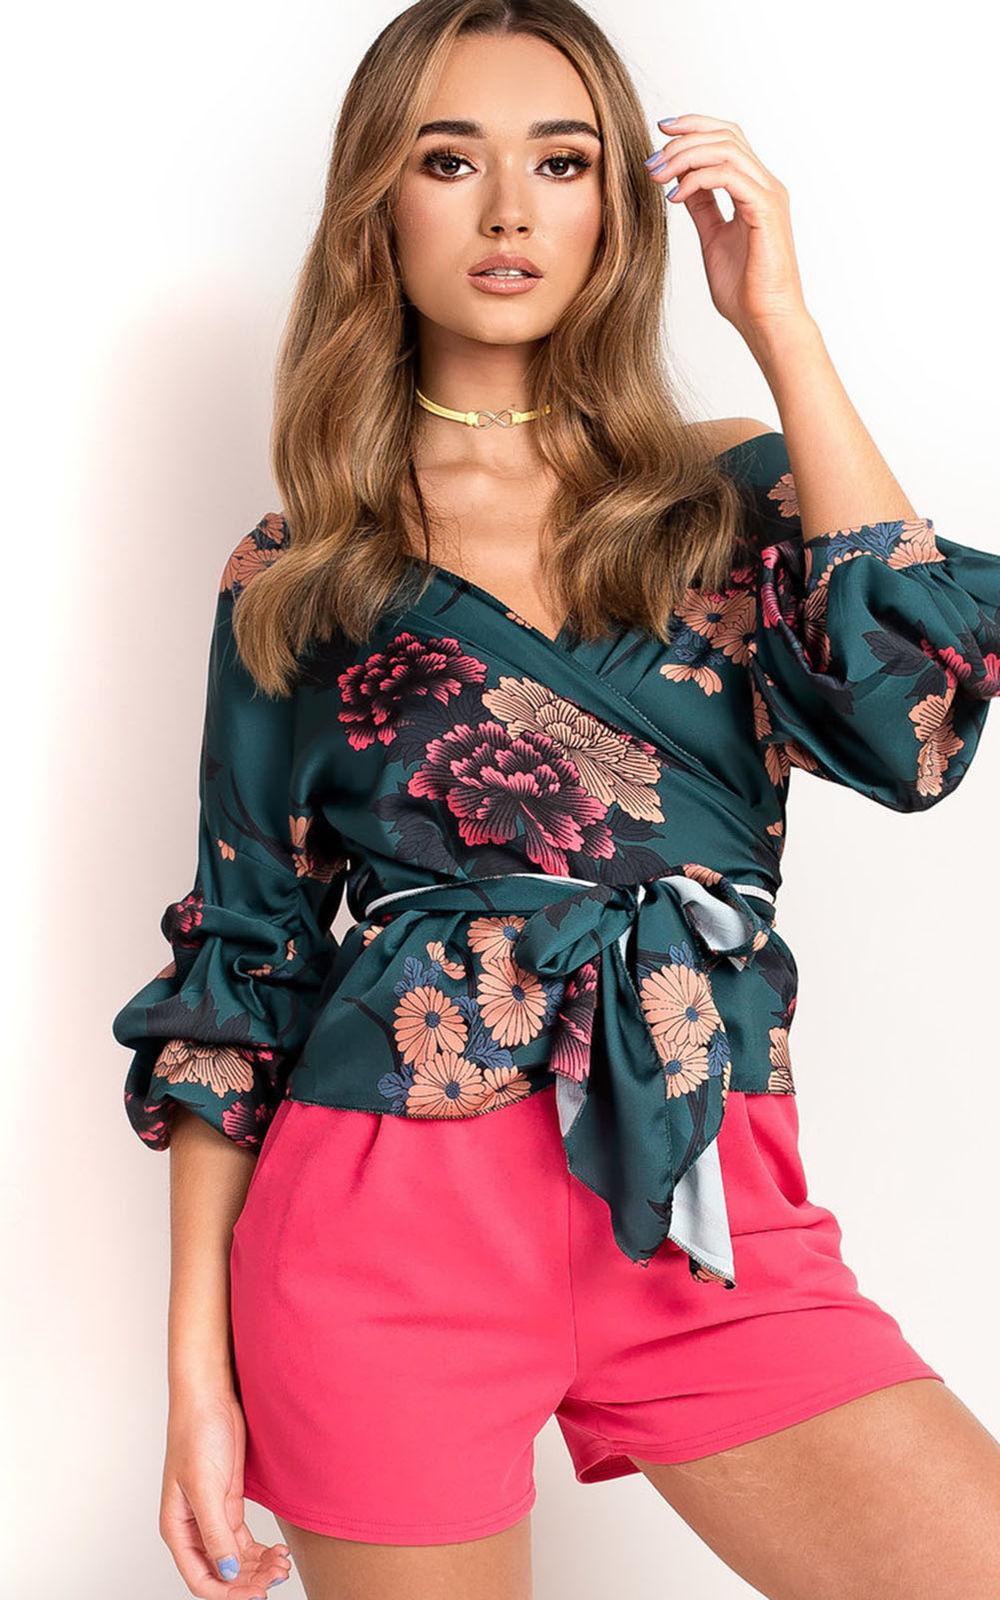 Courtes rose vert jaune New Noir Manches Nous Tops De Blouse Casual blanc Mode V Floral D'été Femmes cou Hot Tunique OpxawBnOqT